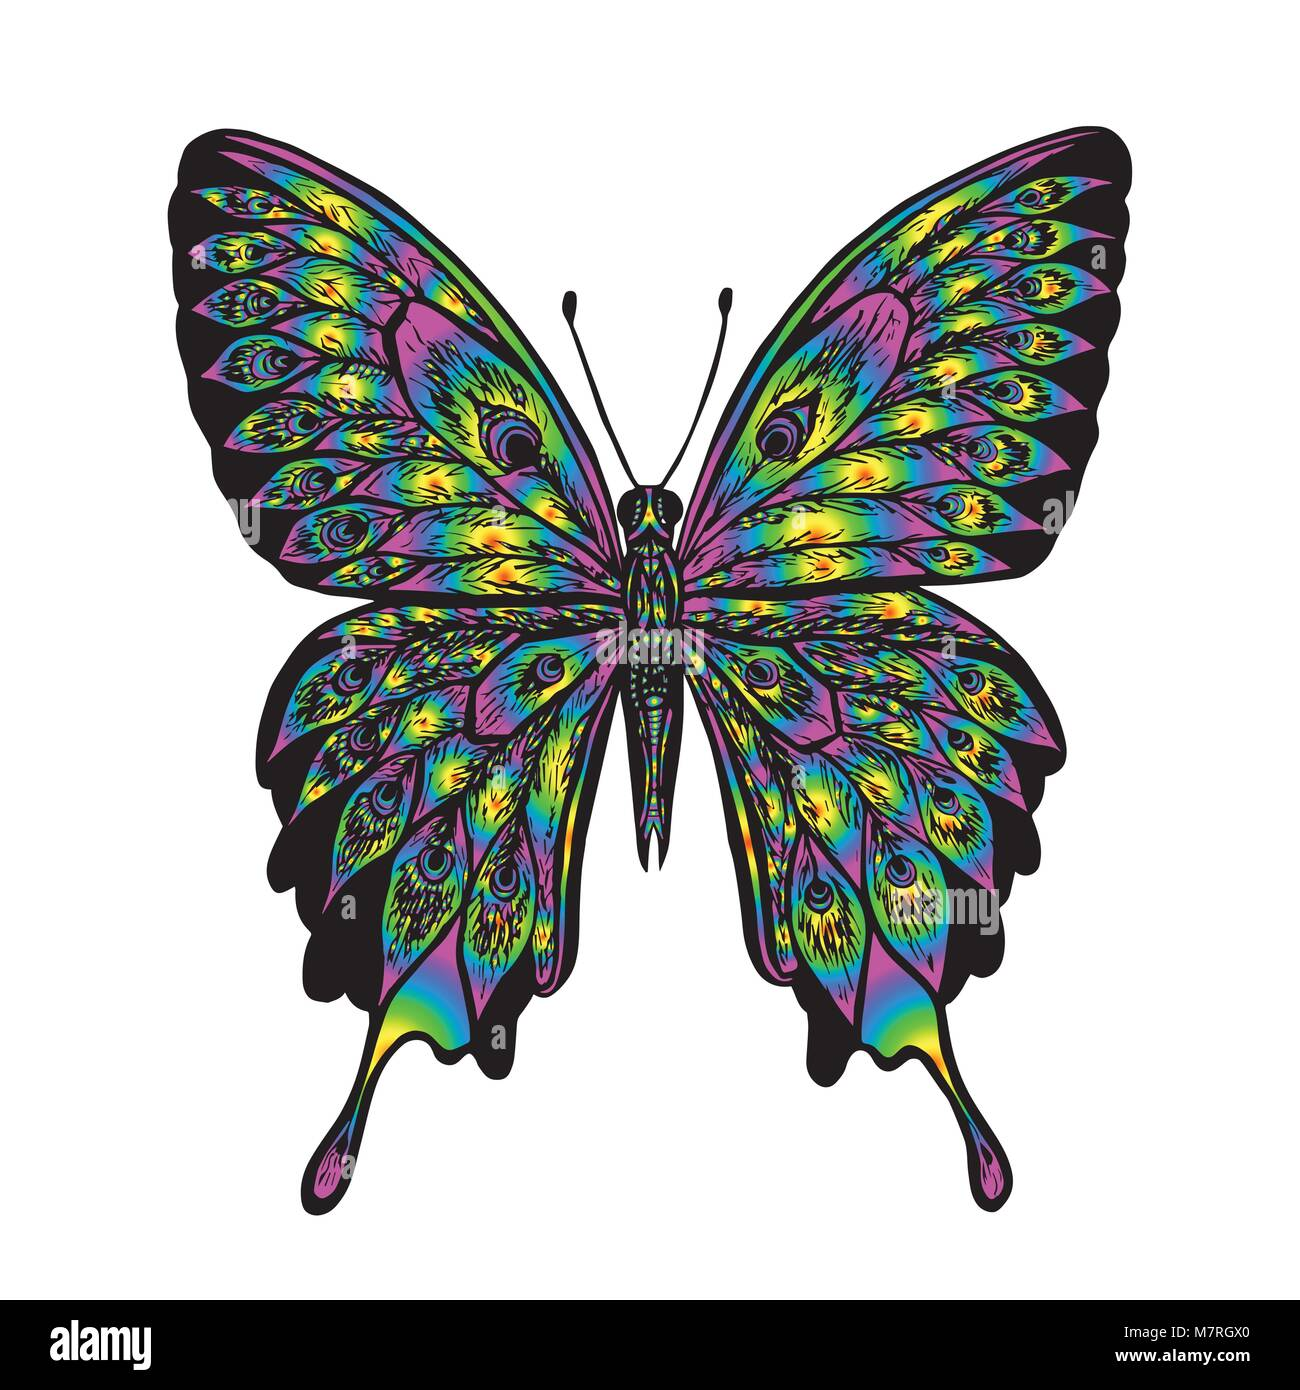 Fein Süße Schmetterling Färbung Seite Ideen - Malvorlagen Von Tieren ...